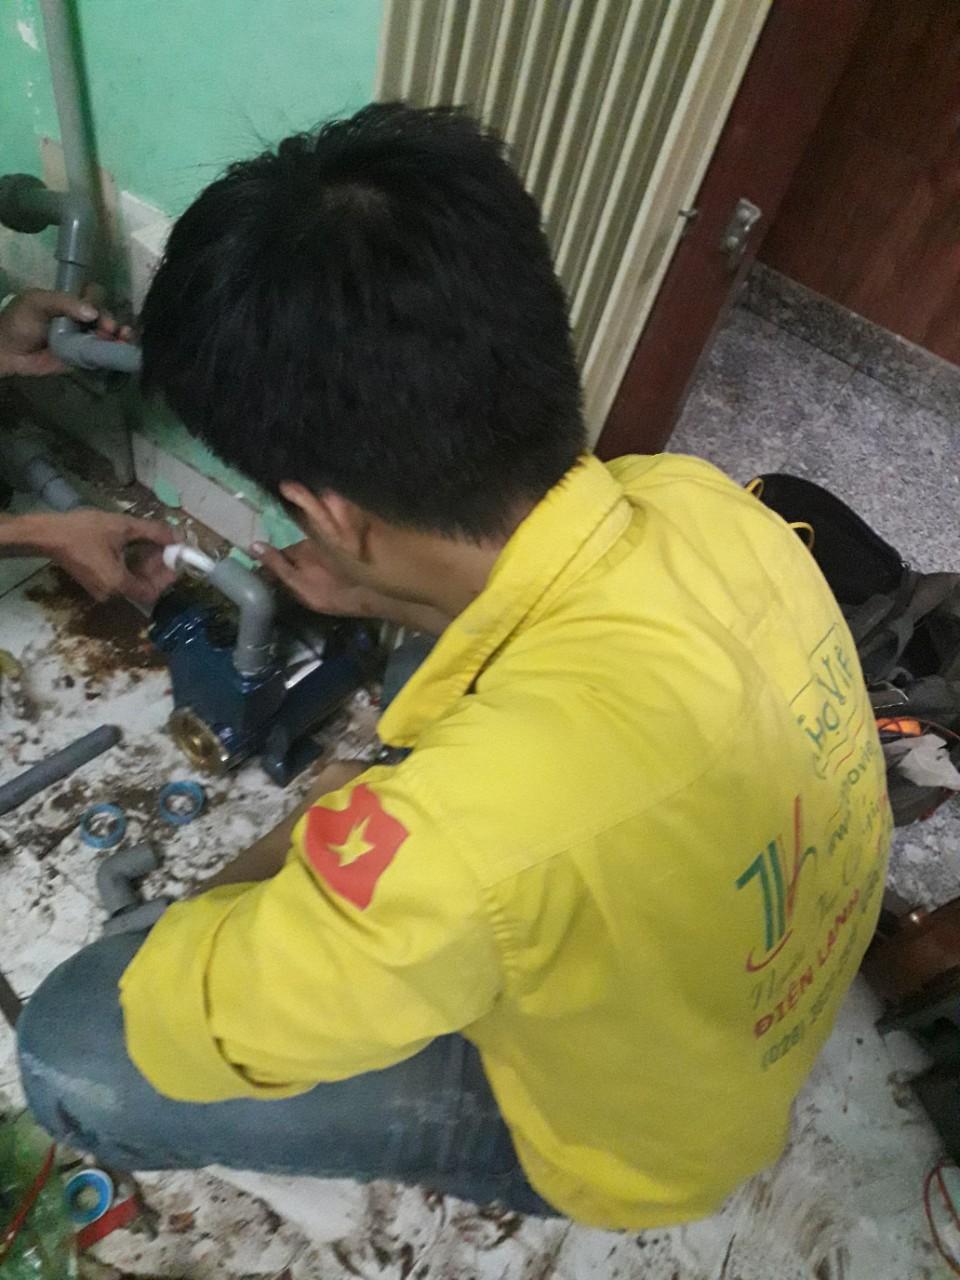 Chuyên nhận sửa máy bơm tại tphcm nhanh chóng